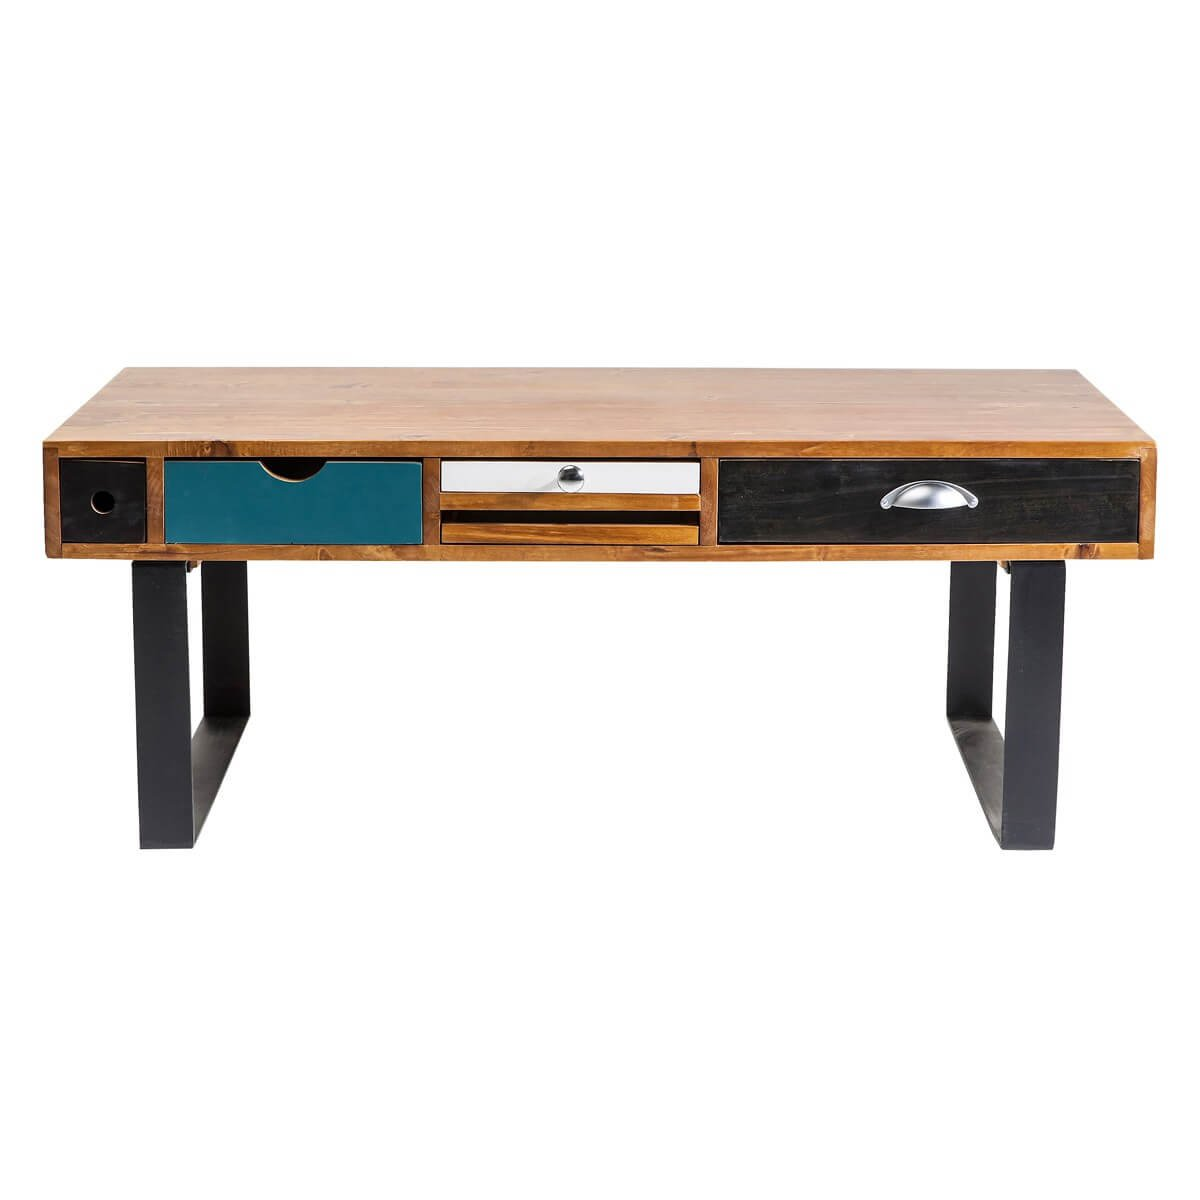 couchtisch wohnzimmertisch babalou kare design holz massivholz eisen braun bunt breite 120 cm. Black Bedroom Furniture Sets. Home Design Ideas